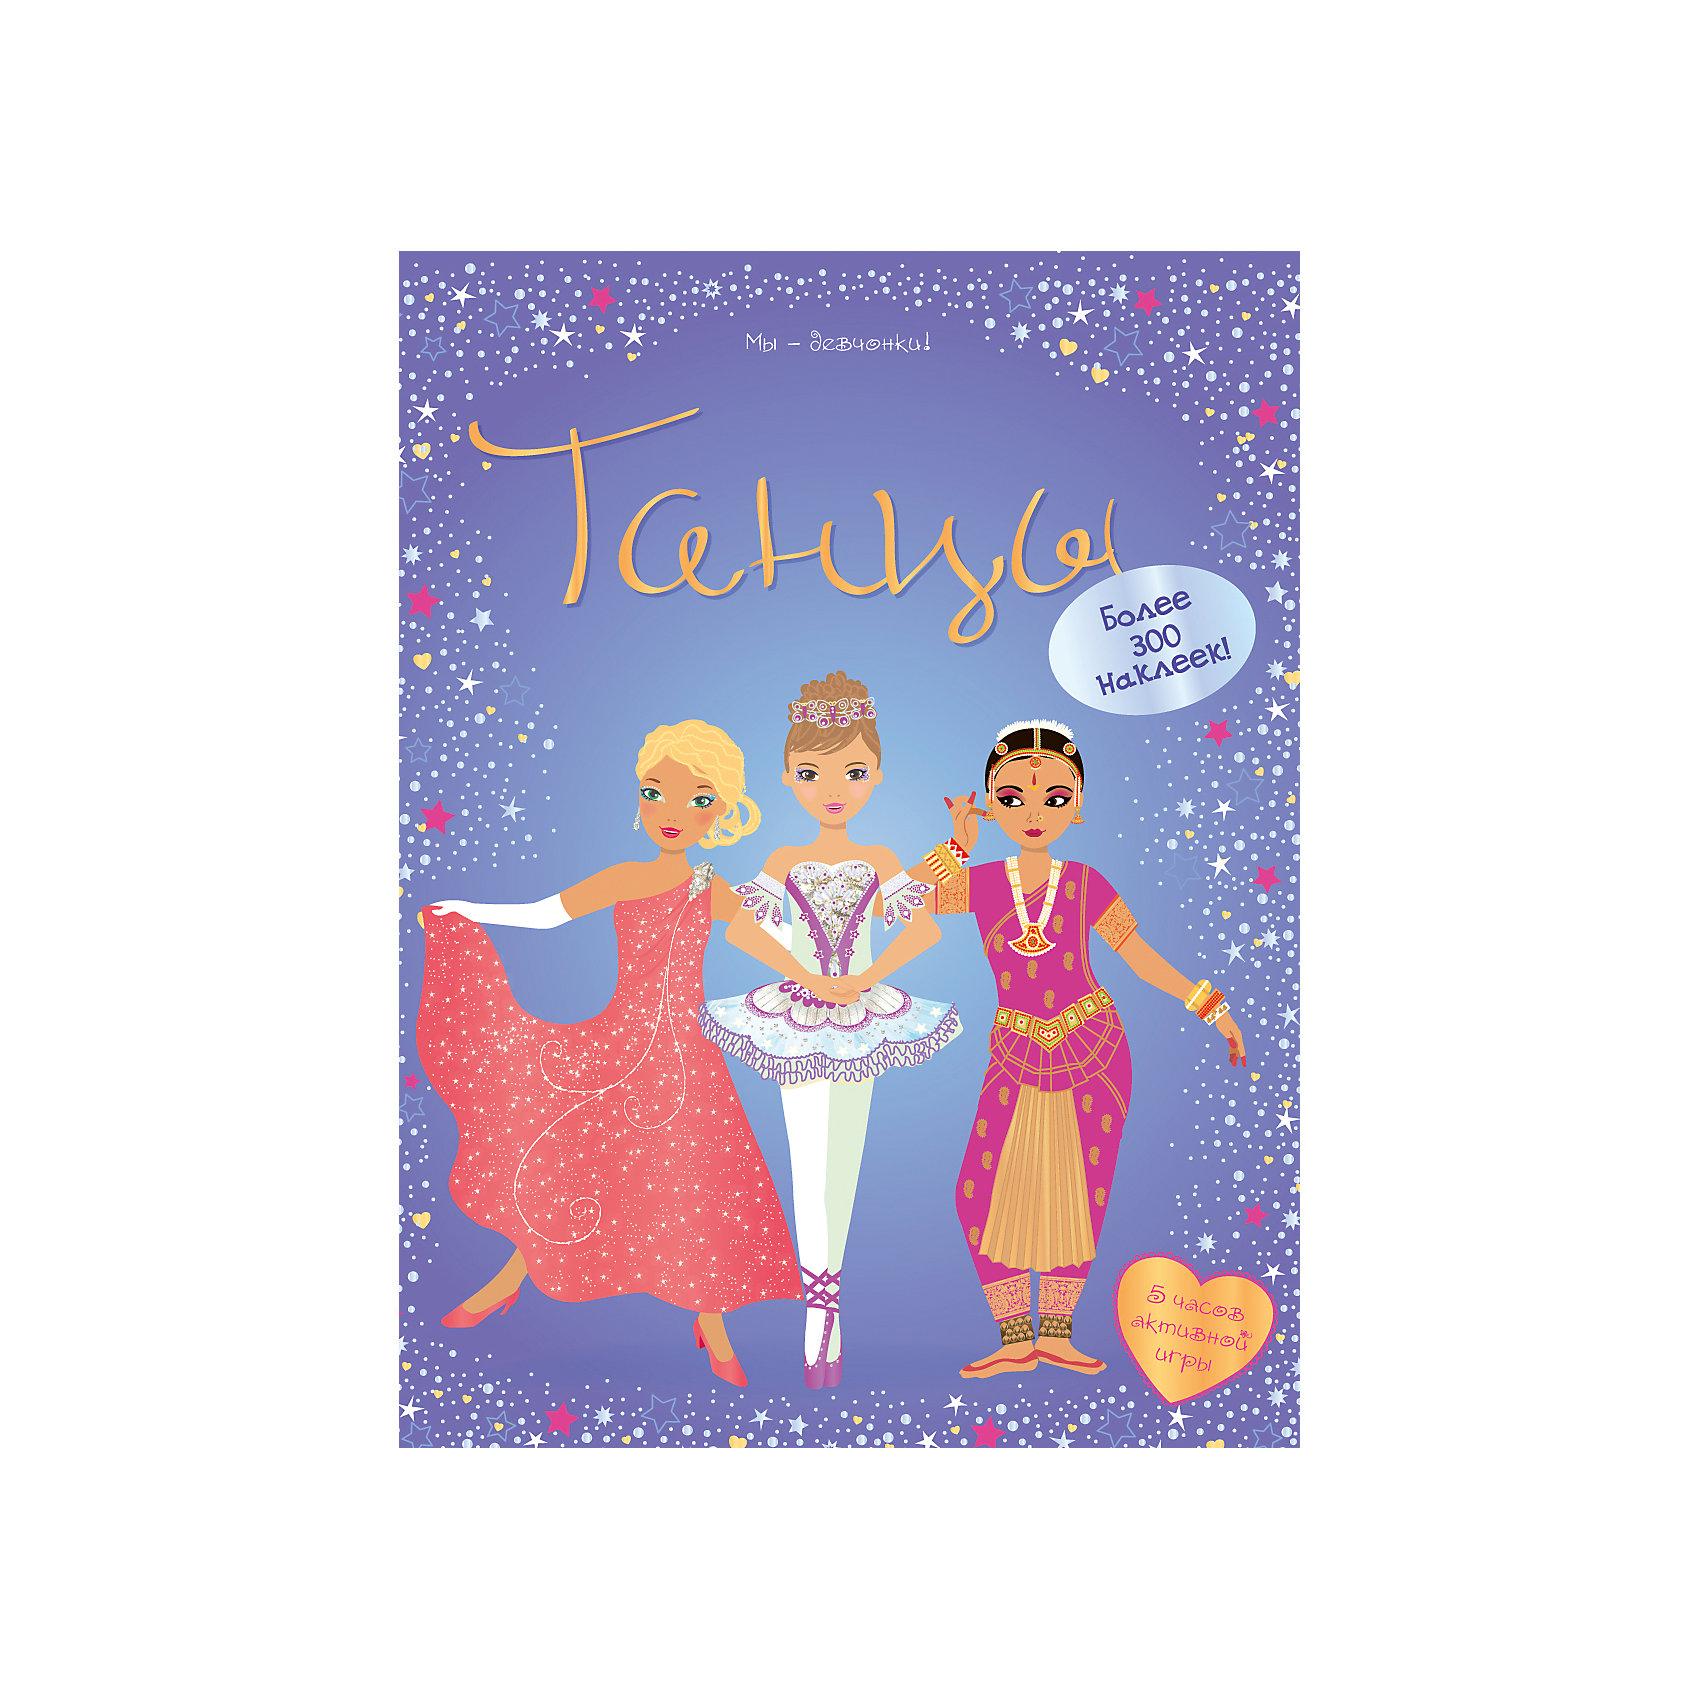 Танцы, СупернаклейкиКнижки с наклейками<br>Все девчонки очень любят наряжаться! А ещё они с удовольствием поют и танцуют. Им нравится путешествовать, узнавать что-то новое и вообще во всём принимать активное участие… Эта красивая серия книг с наклейками станет отличным подарком для нашей маленькой читательницы, потому что здесь собраны все самые интересные темы! Весёлая игра поможет вырасти ей умной и любознательной, отзывчивой и доброй.<br><br>Ширина мм: 305<br>Глубина мм: 240<br>Высота мм: 4<br>Вес г: 299<br>Возраст от месяцев: 84<br>Возраст до месяцев: 120<br>Пол: Женский<br>Возраст: Детский<br>SKU: 4818130